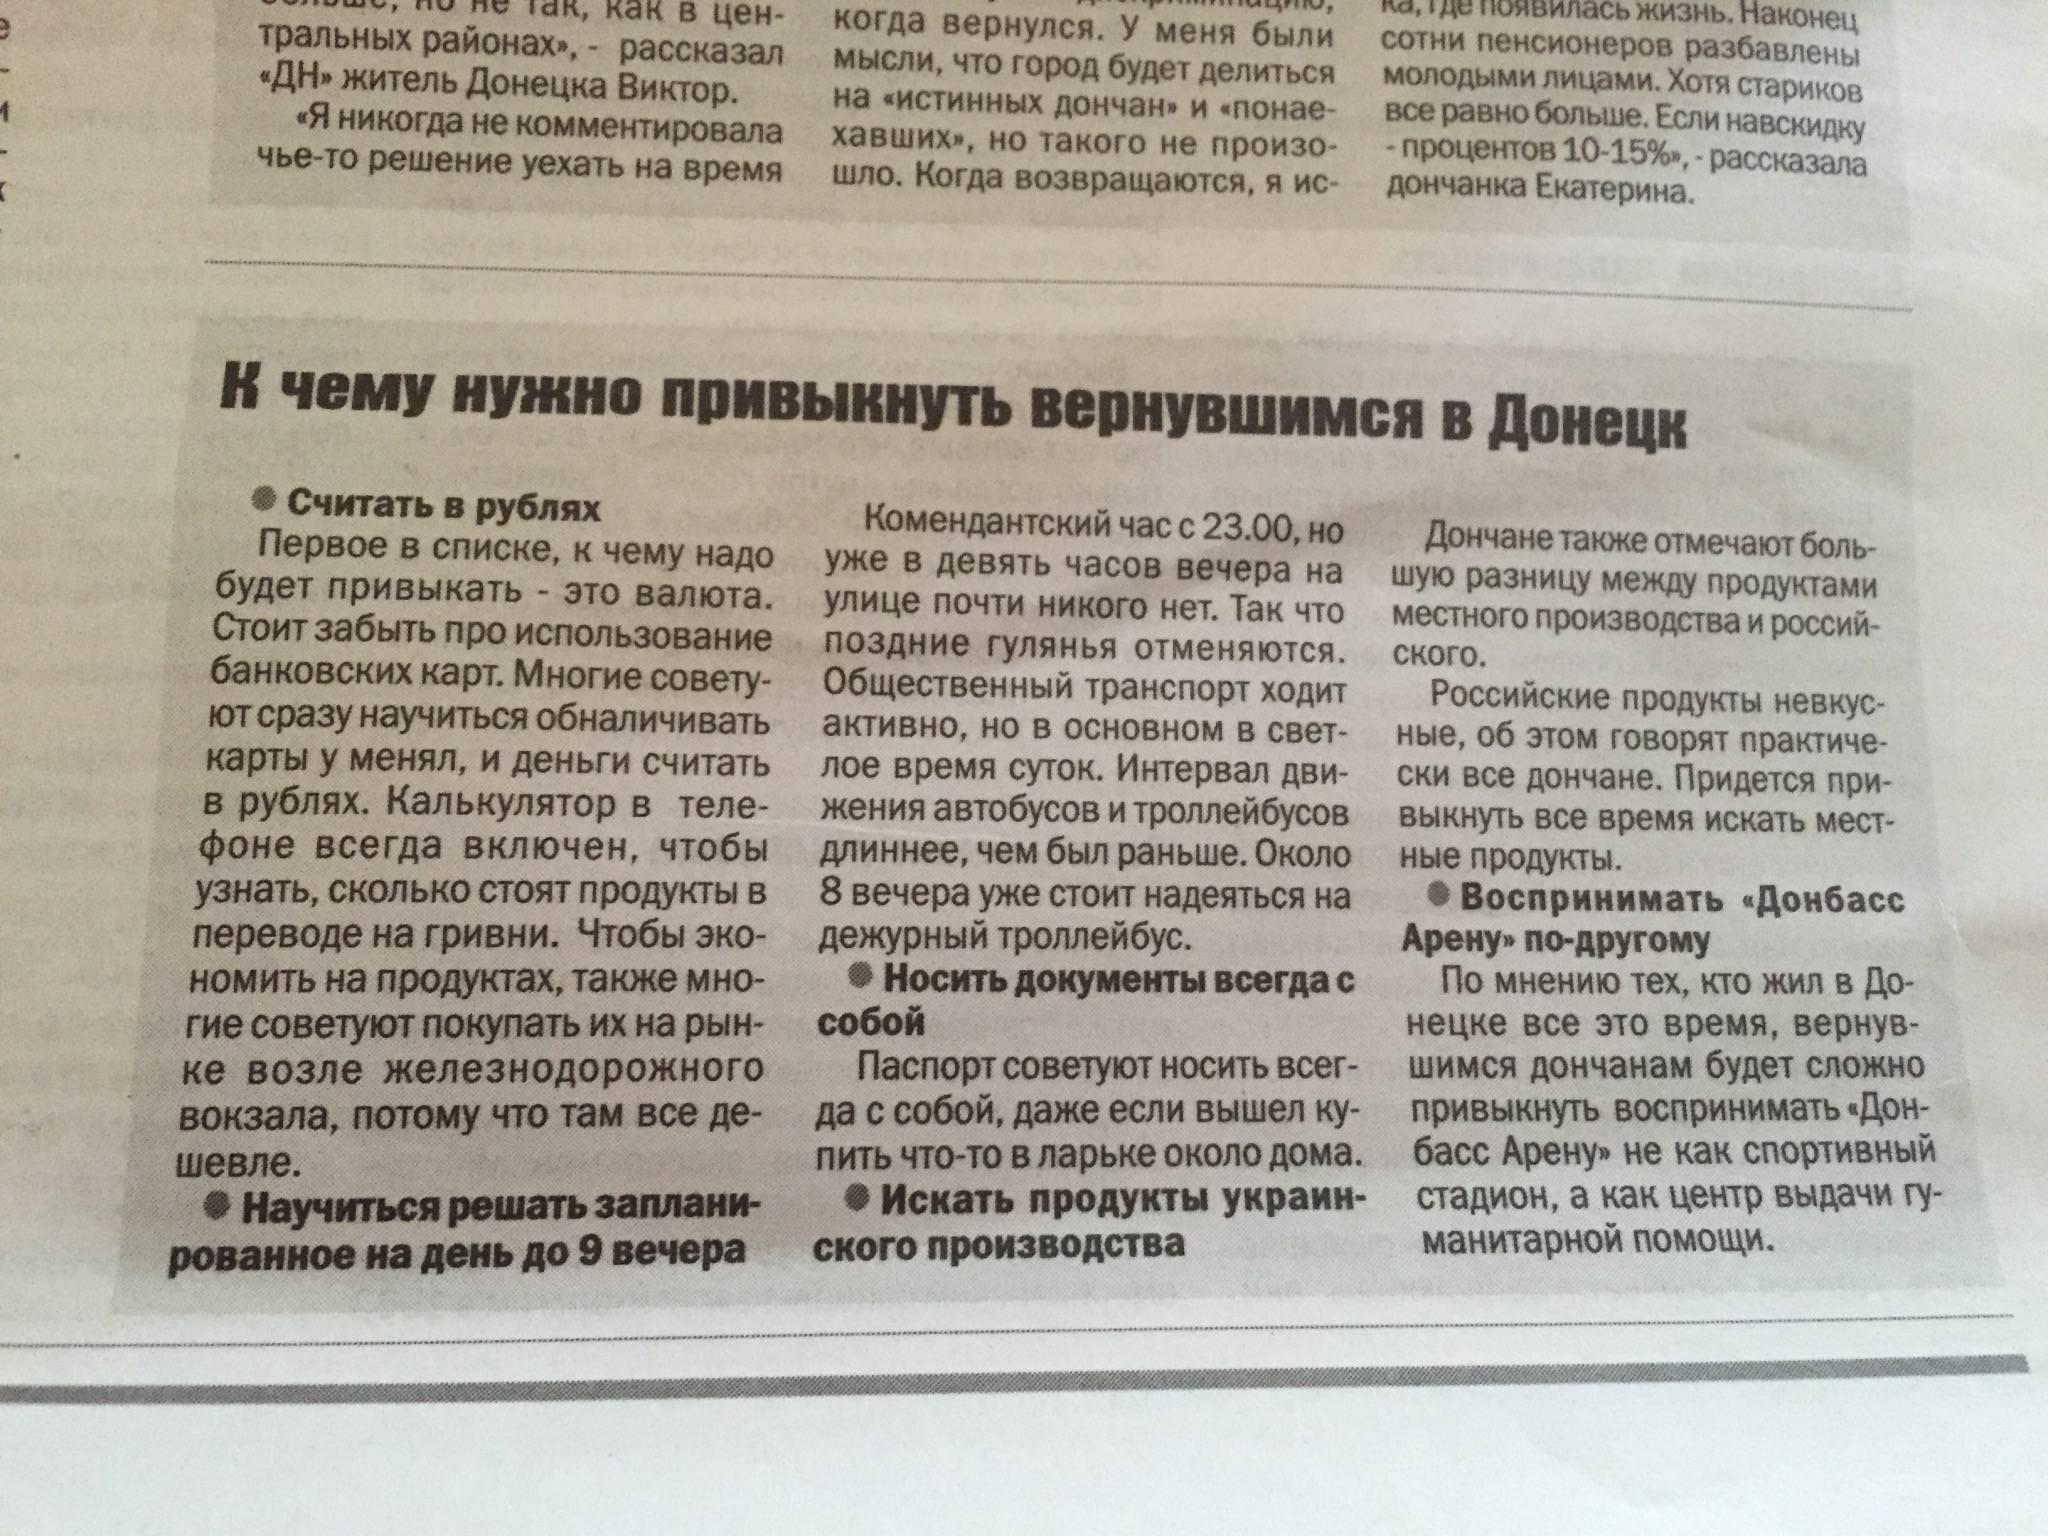 Для тех кто возвращается в Донецк cocтaвили пaмятку (фото)